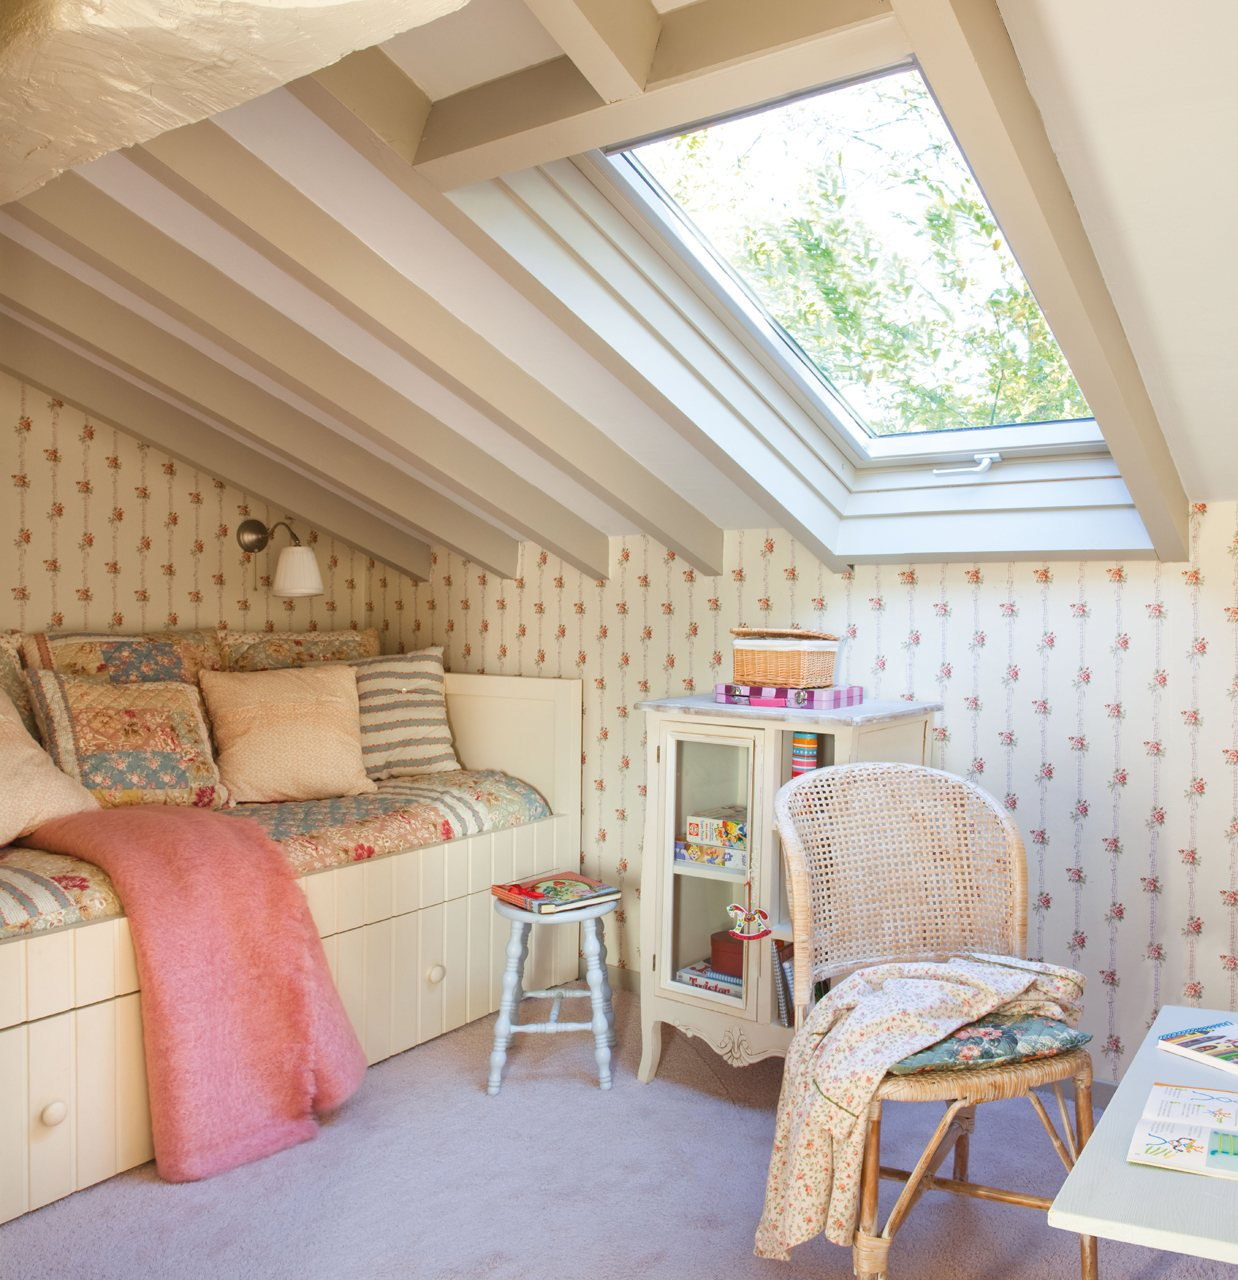 Dormitorio infantil abuhardillado. Bajo la buhardilla